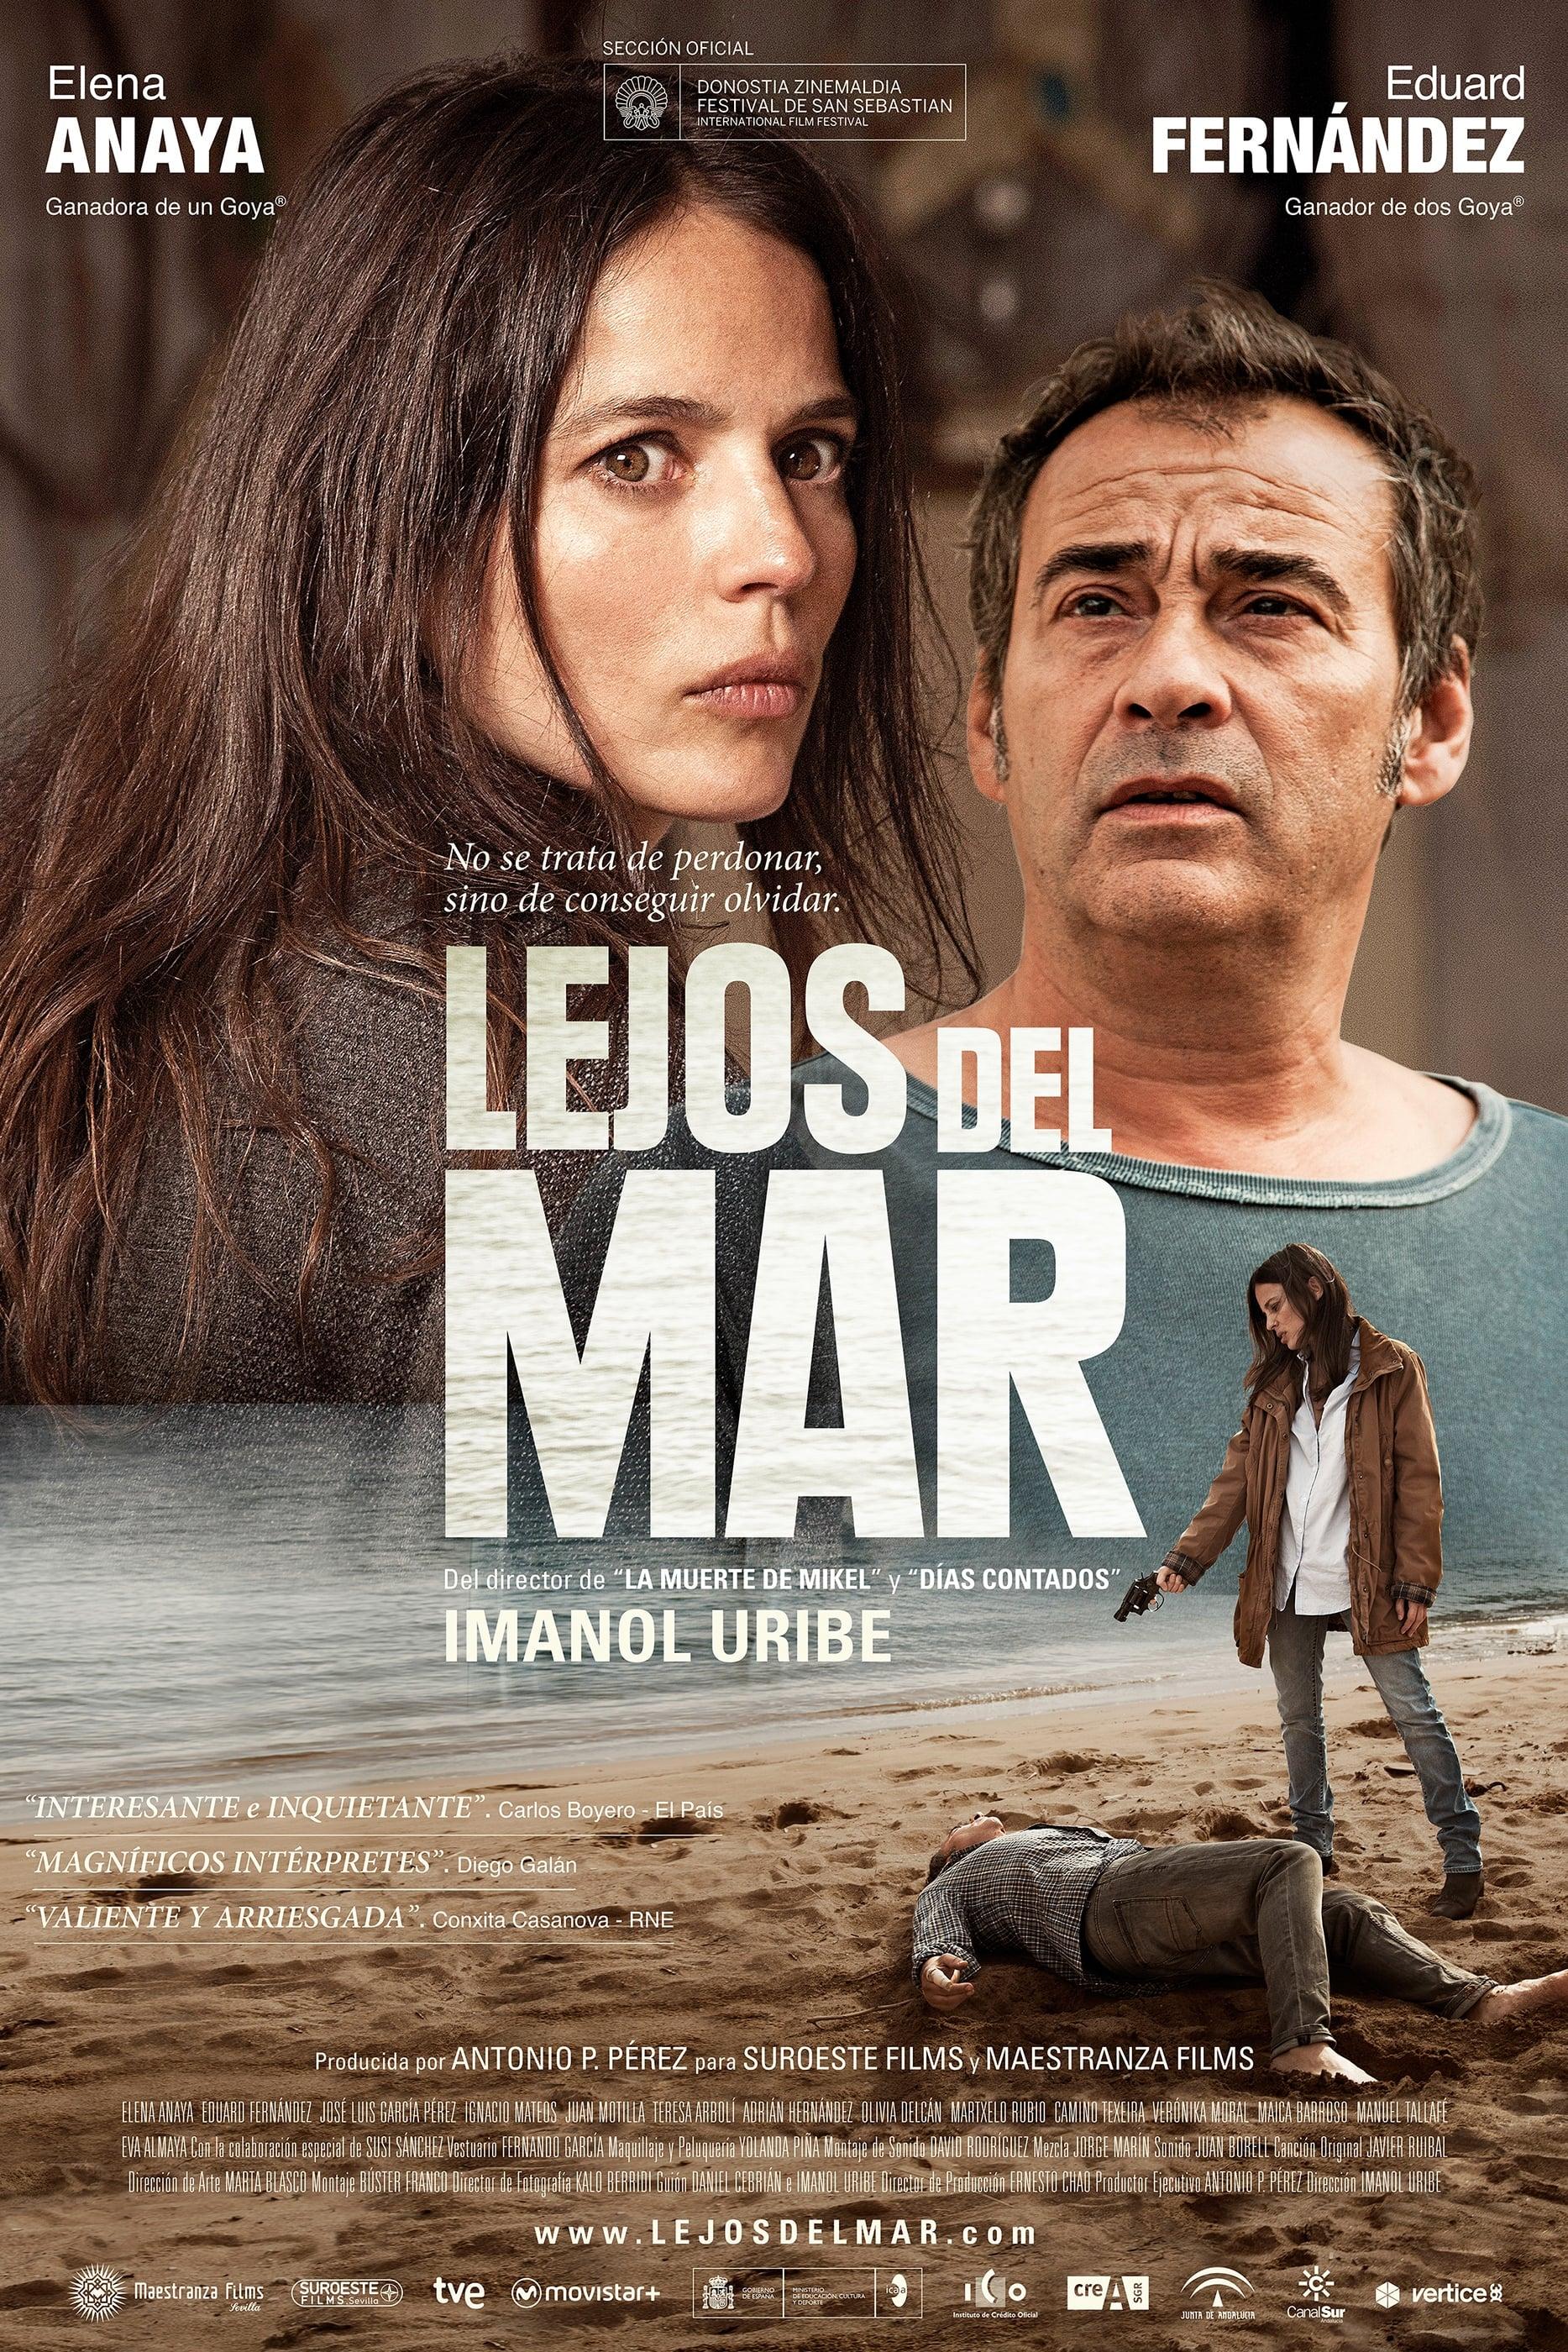 Lejos del Mar (Far from the Sea)